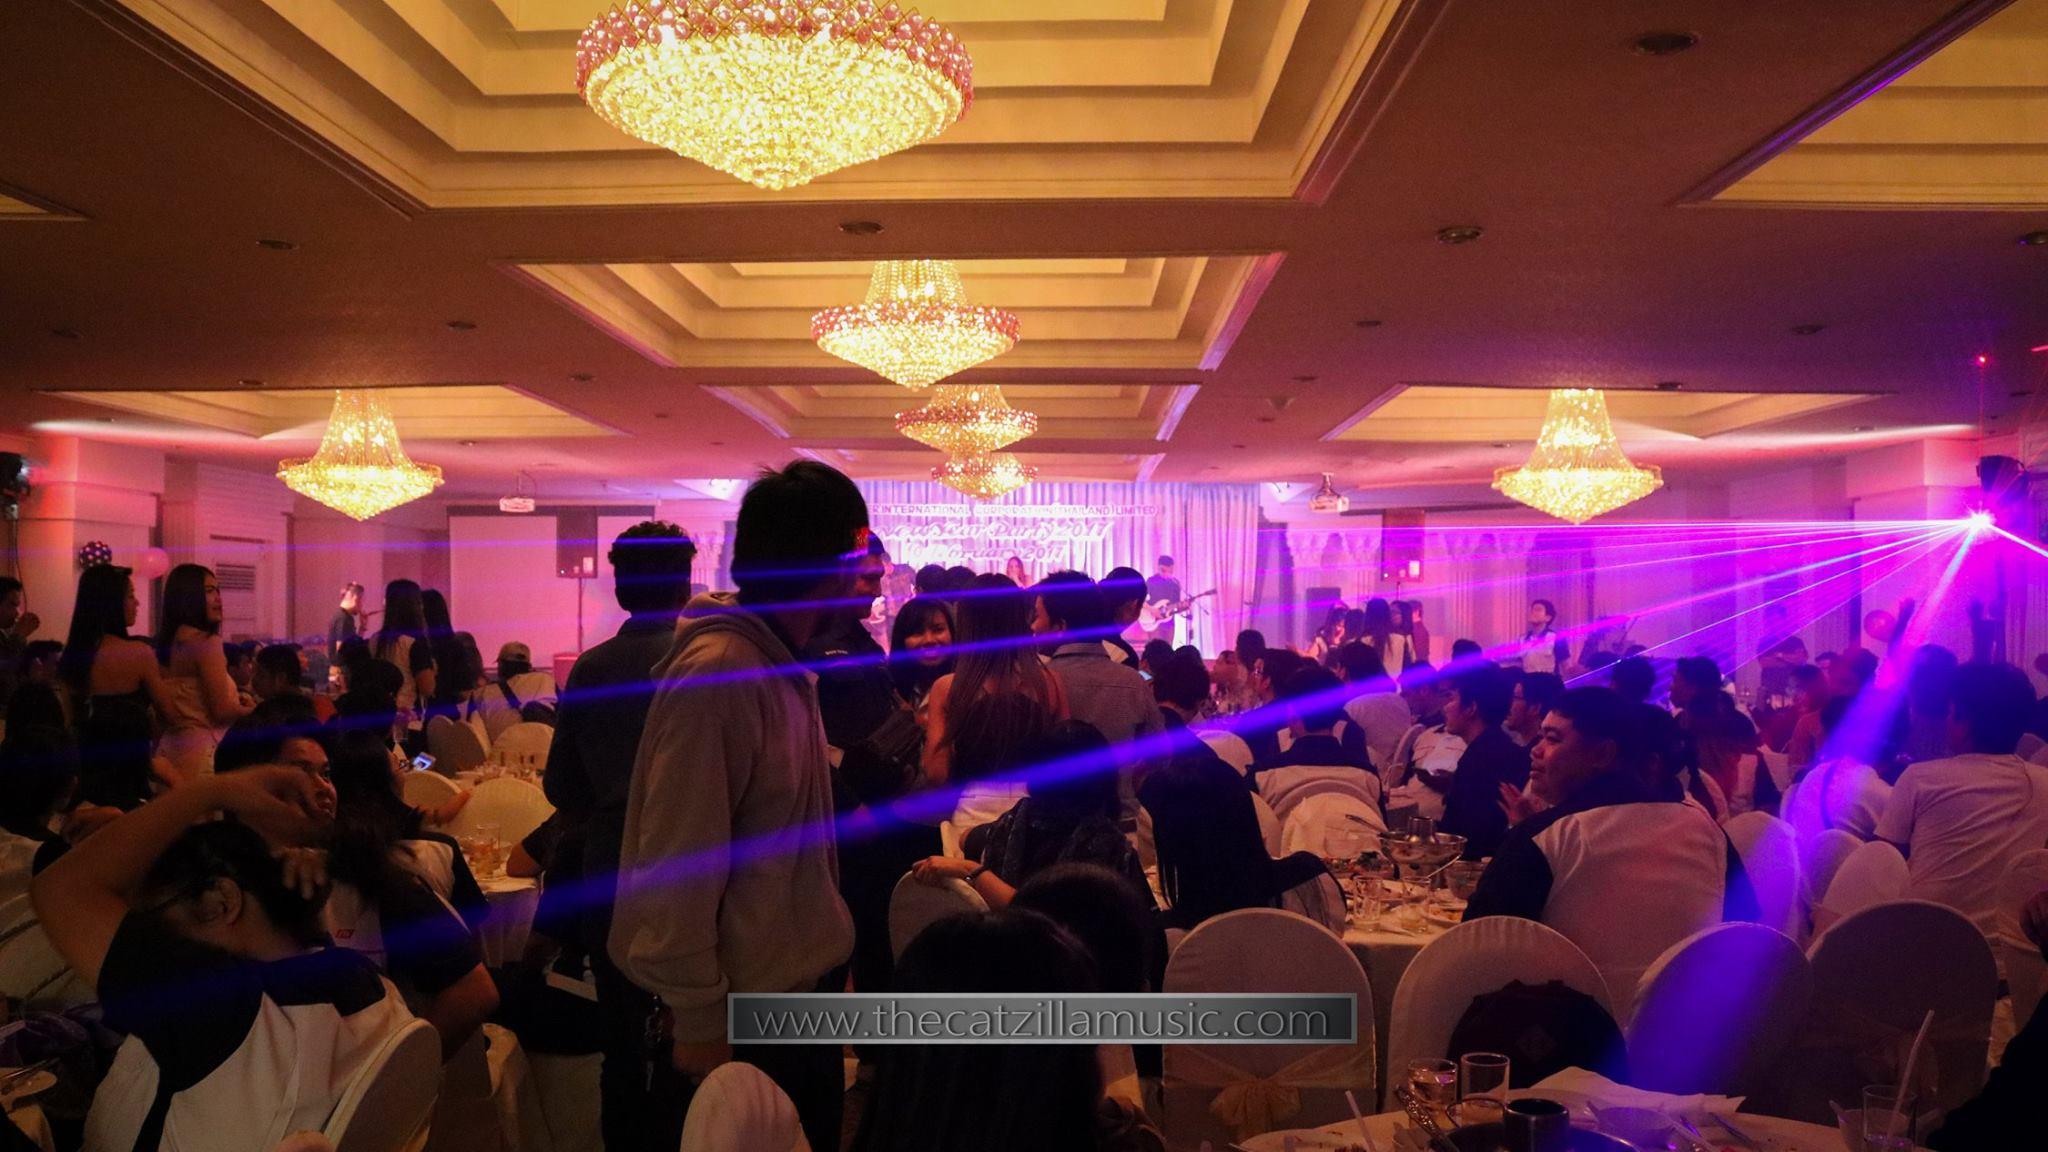 วงดนตรีงานเลี้ยง After Party งานแต่งงาน บุ๋นแบนด์ วงดนตรีสด After party wedding วงดนตรีงานแต่งงาน thecatzillamusic Avana 2